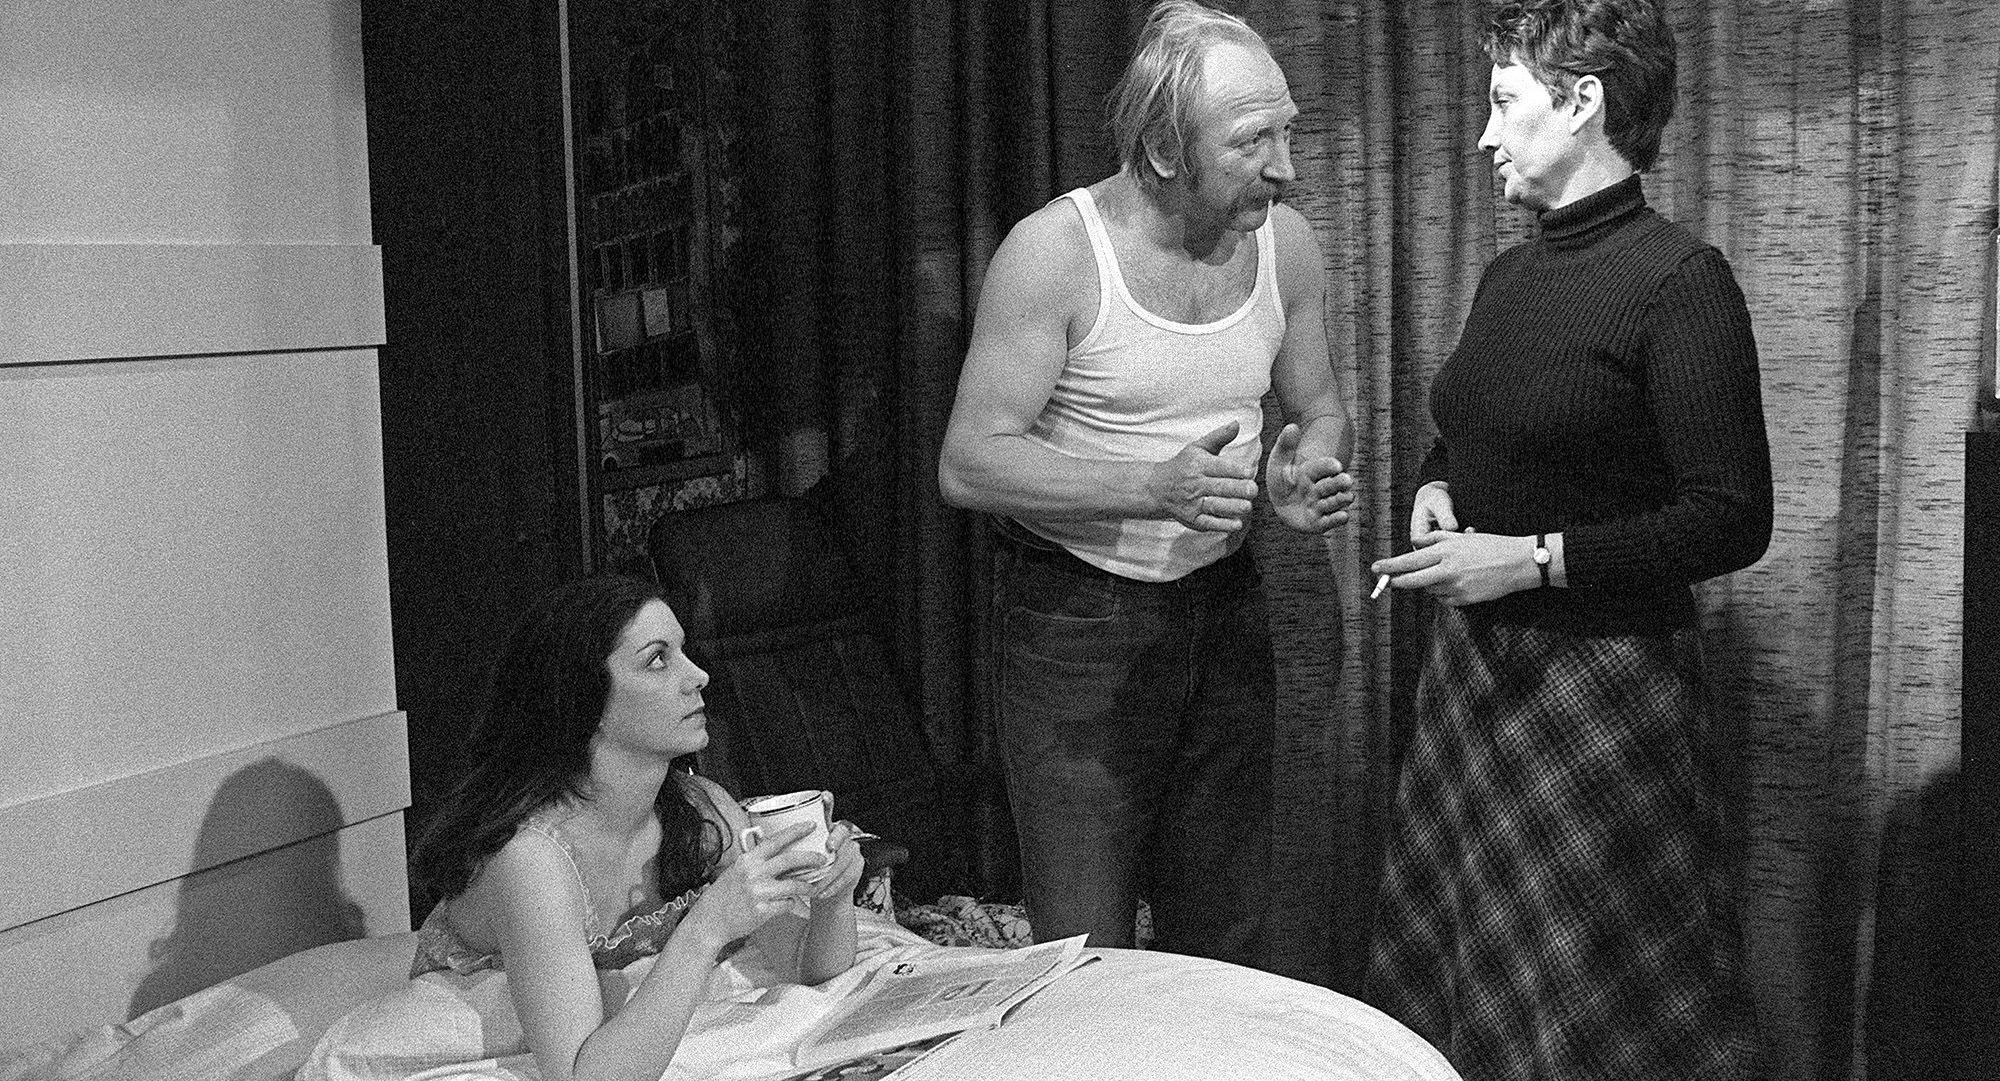 Hanni (Erika Deutinger), Mundl (Karl Merkatz), Toni (Ingrid Buckhard)